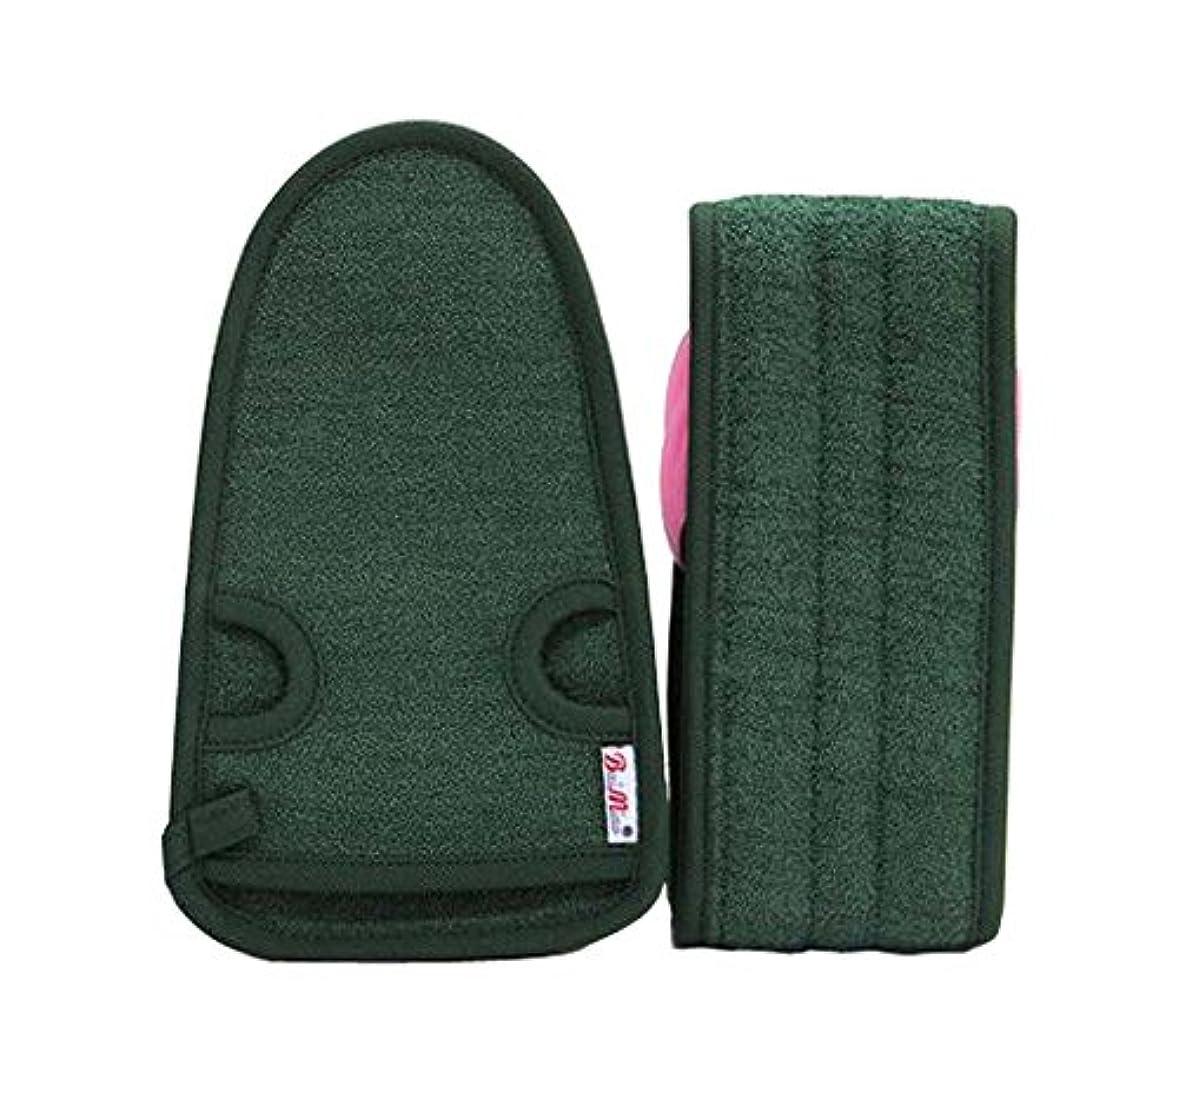 神話征服者ボウル男性のための実用的で柔らかいバス手袋の角質除去のバスベルト、アーミーグリーンの2